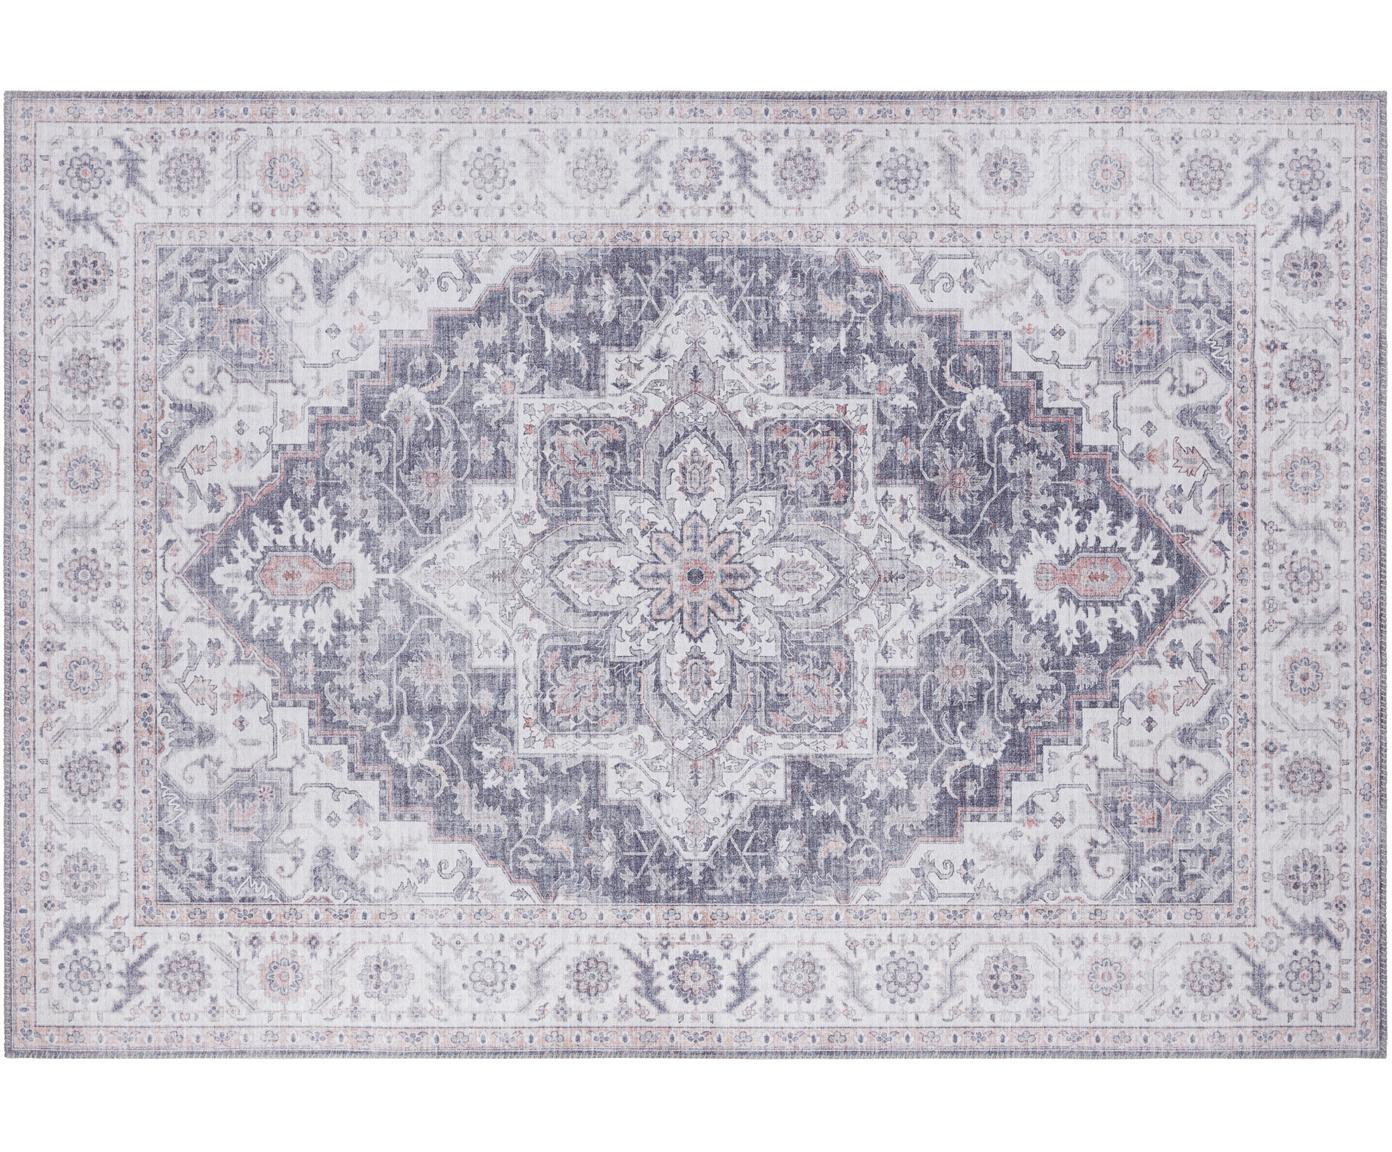 Vloerkleed Anthea in vintage stijl, Polyester, Blauw-grijs, mauve, B 80 x L 150 cm (maat XS)